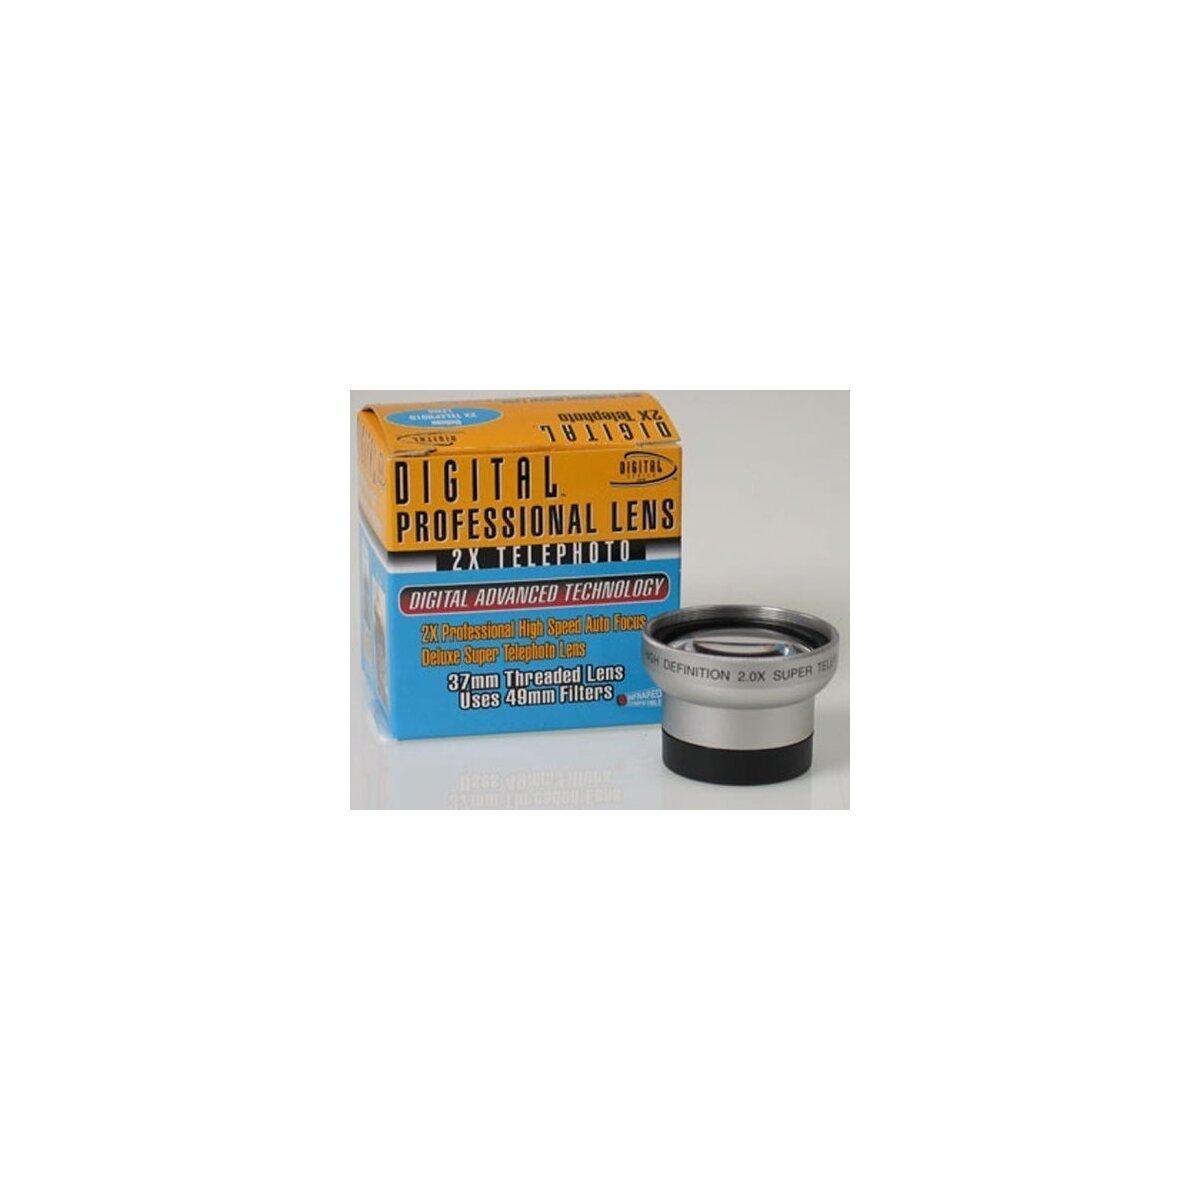 2.0x Telekonverter von Digital Optics fuer Canon DC10, DC20, MVX450, Panasonic NV-DS65, JVC GR-DA20, GR-D725, GR-D740 usw